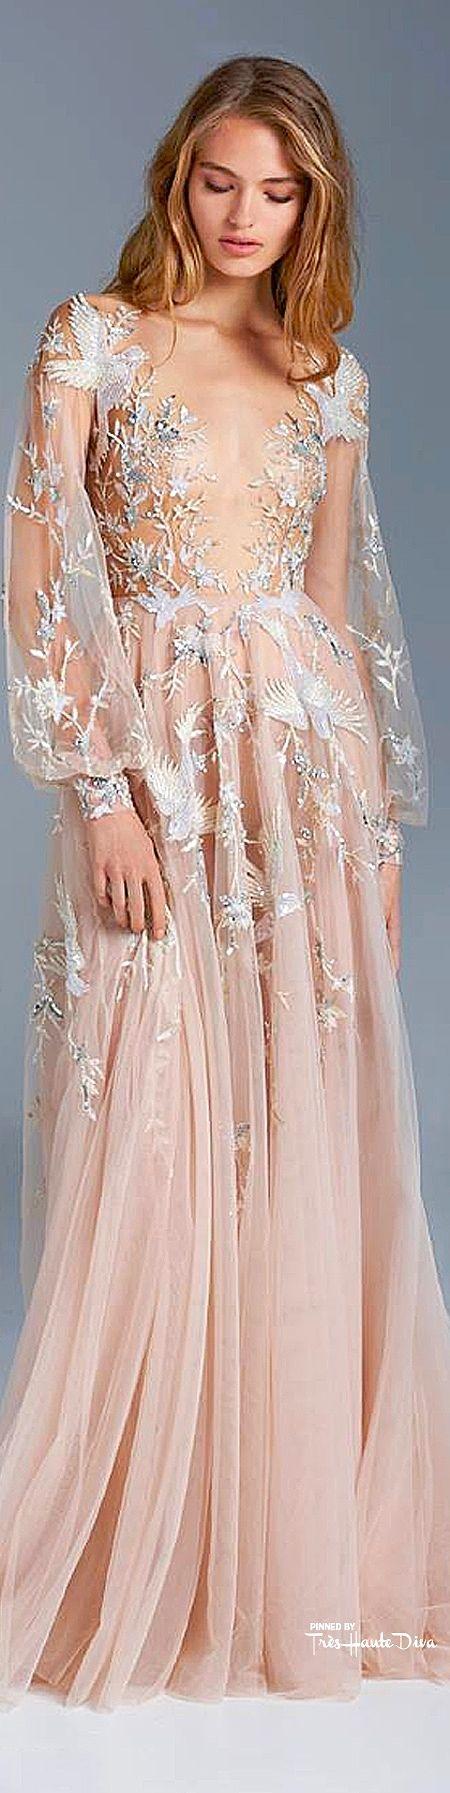 jαɢlαdy | Gorgeous Dresses | Pinterest | Vestiditos, Paolo sebastian ...